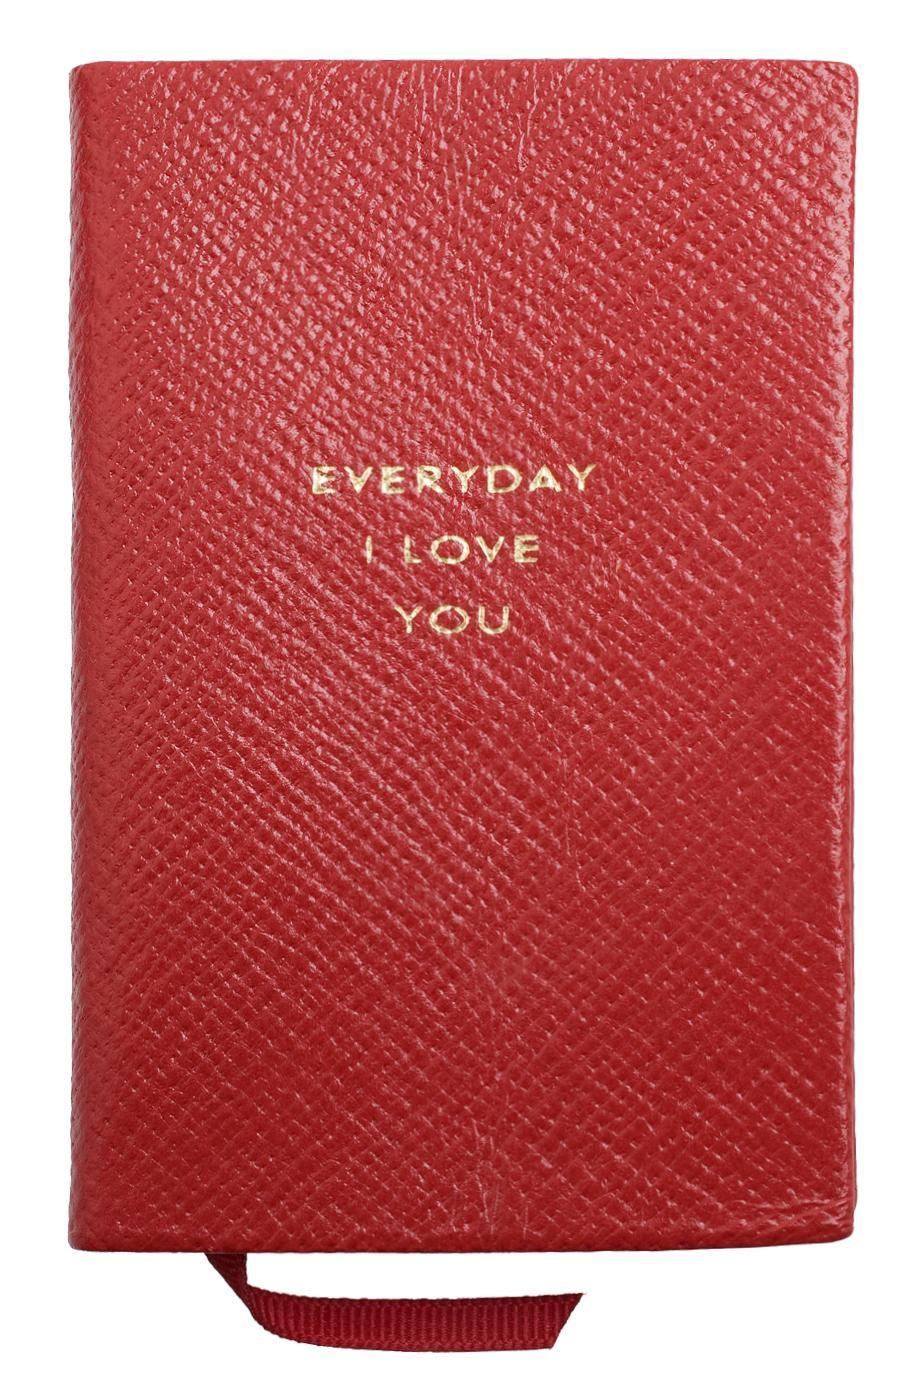 Everyday i love you from smythson be my valentine pinterest